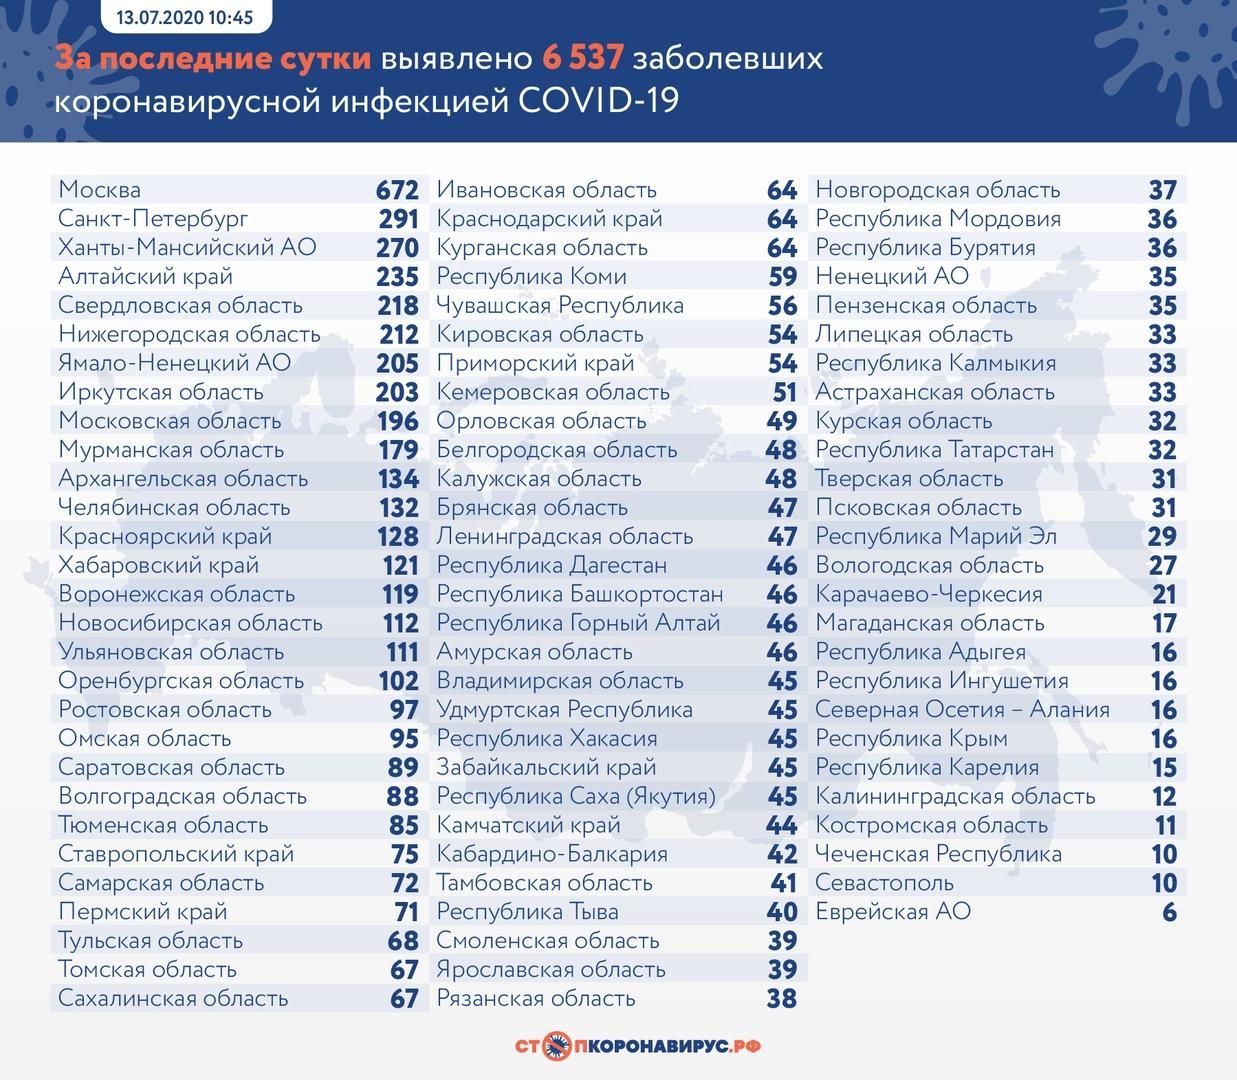 коронавирусная инфекция COVID-19 в Нижегородской области